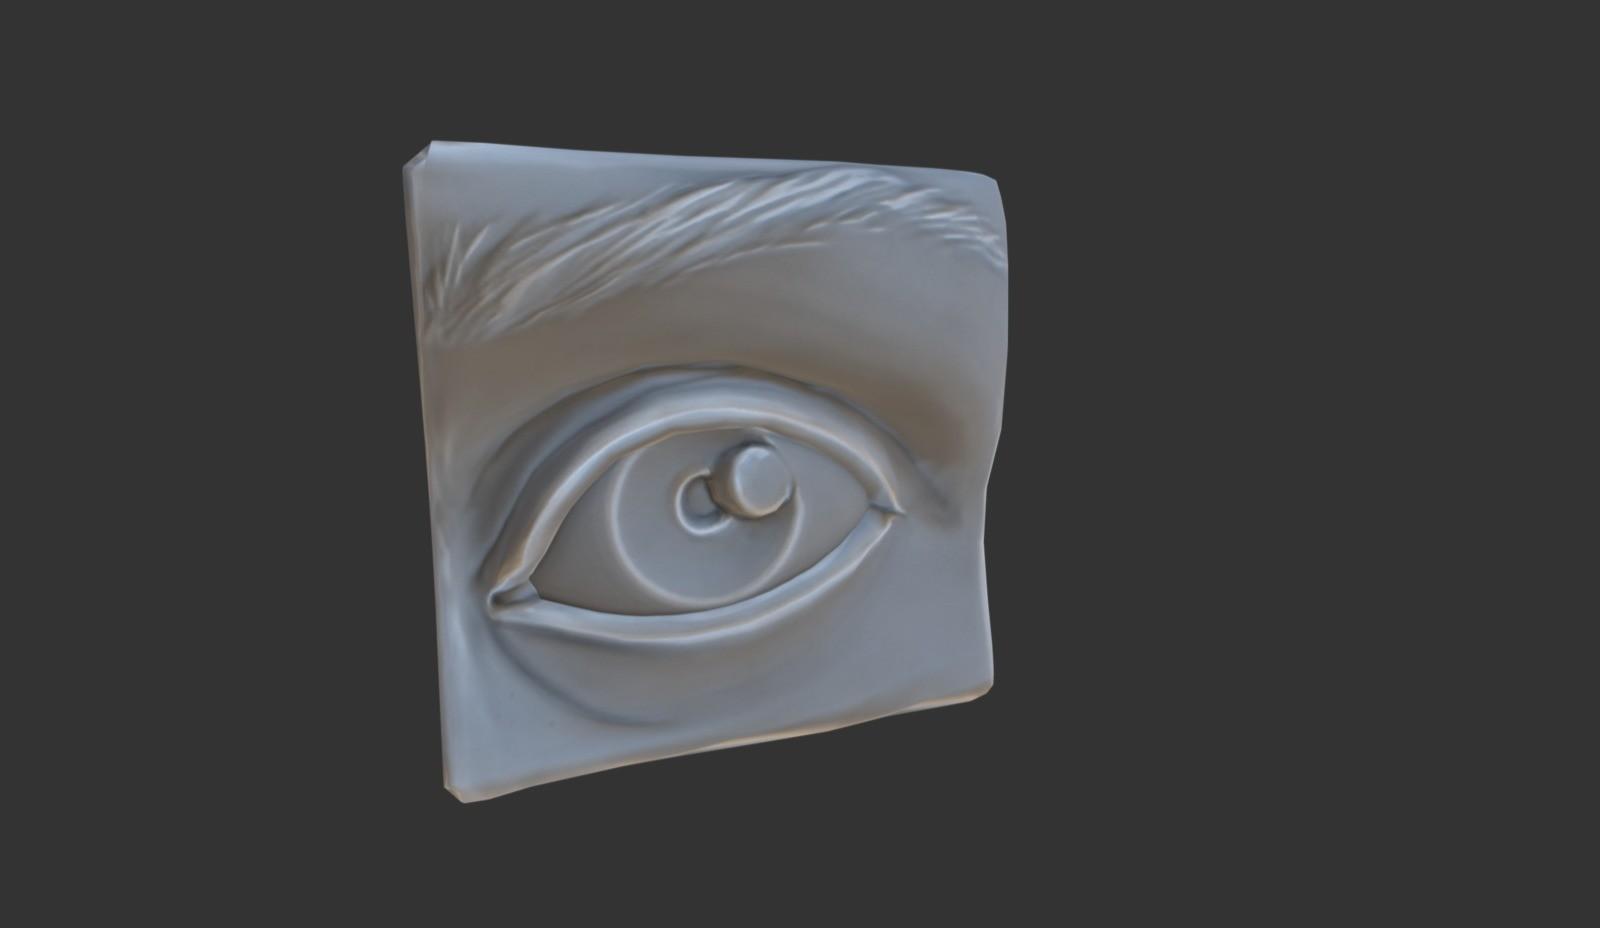 Anatomy Study - Eye